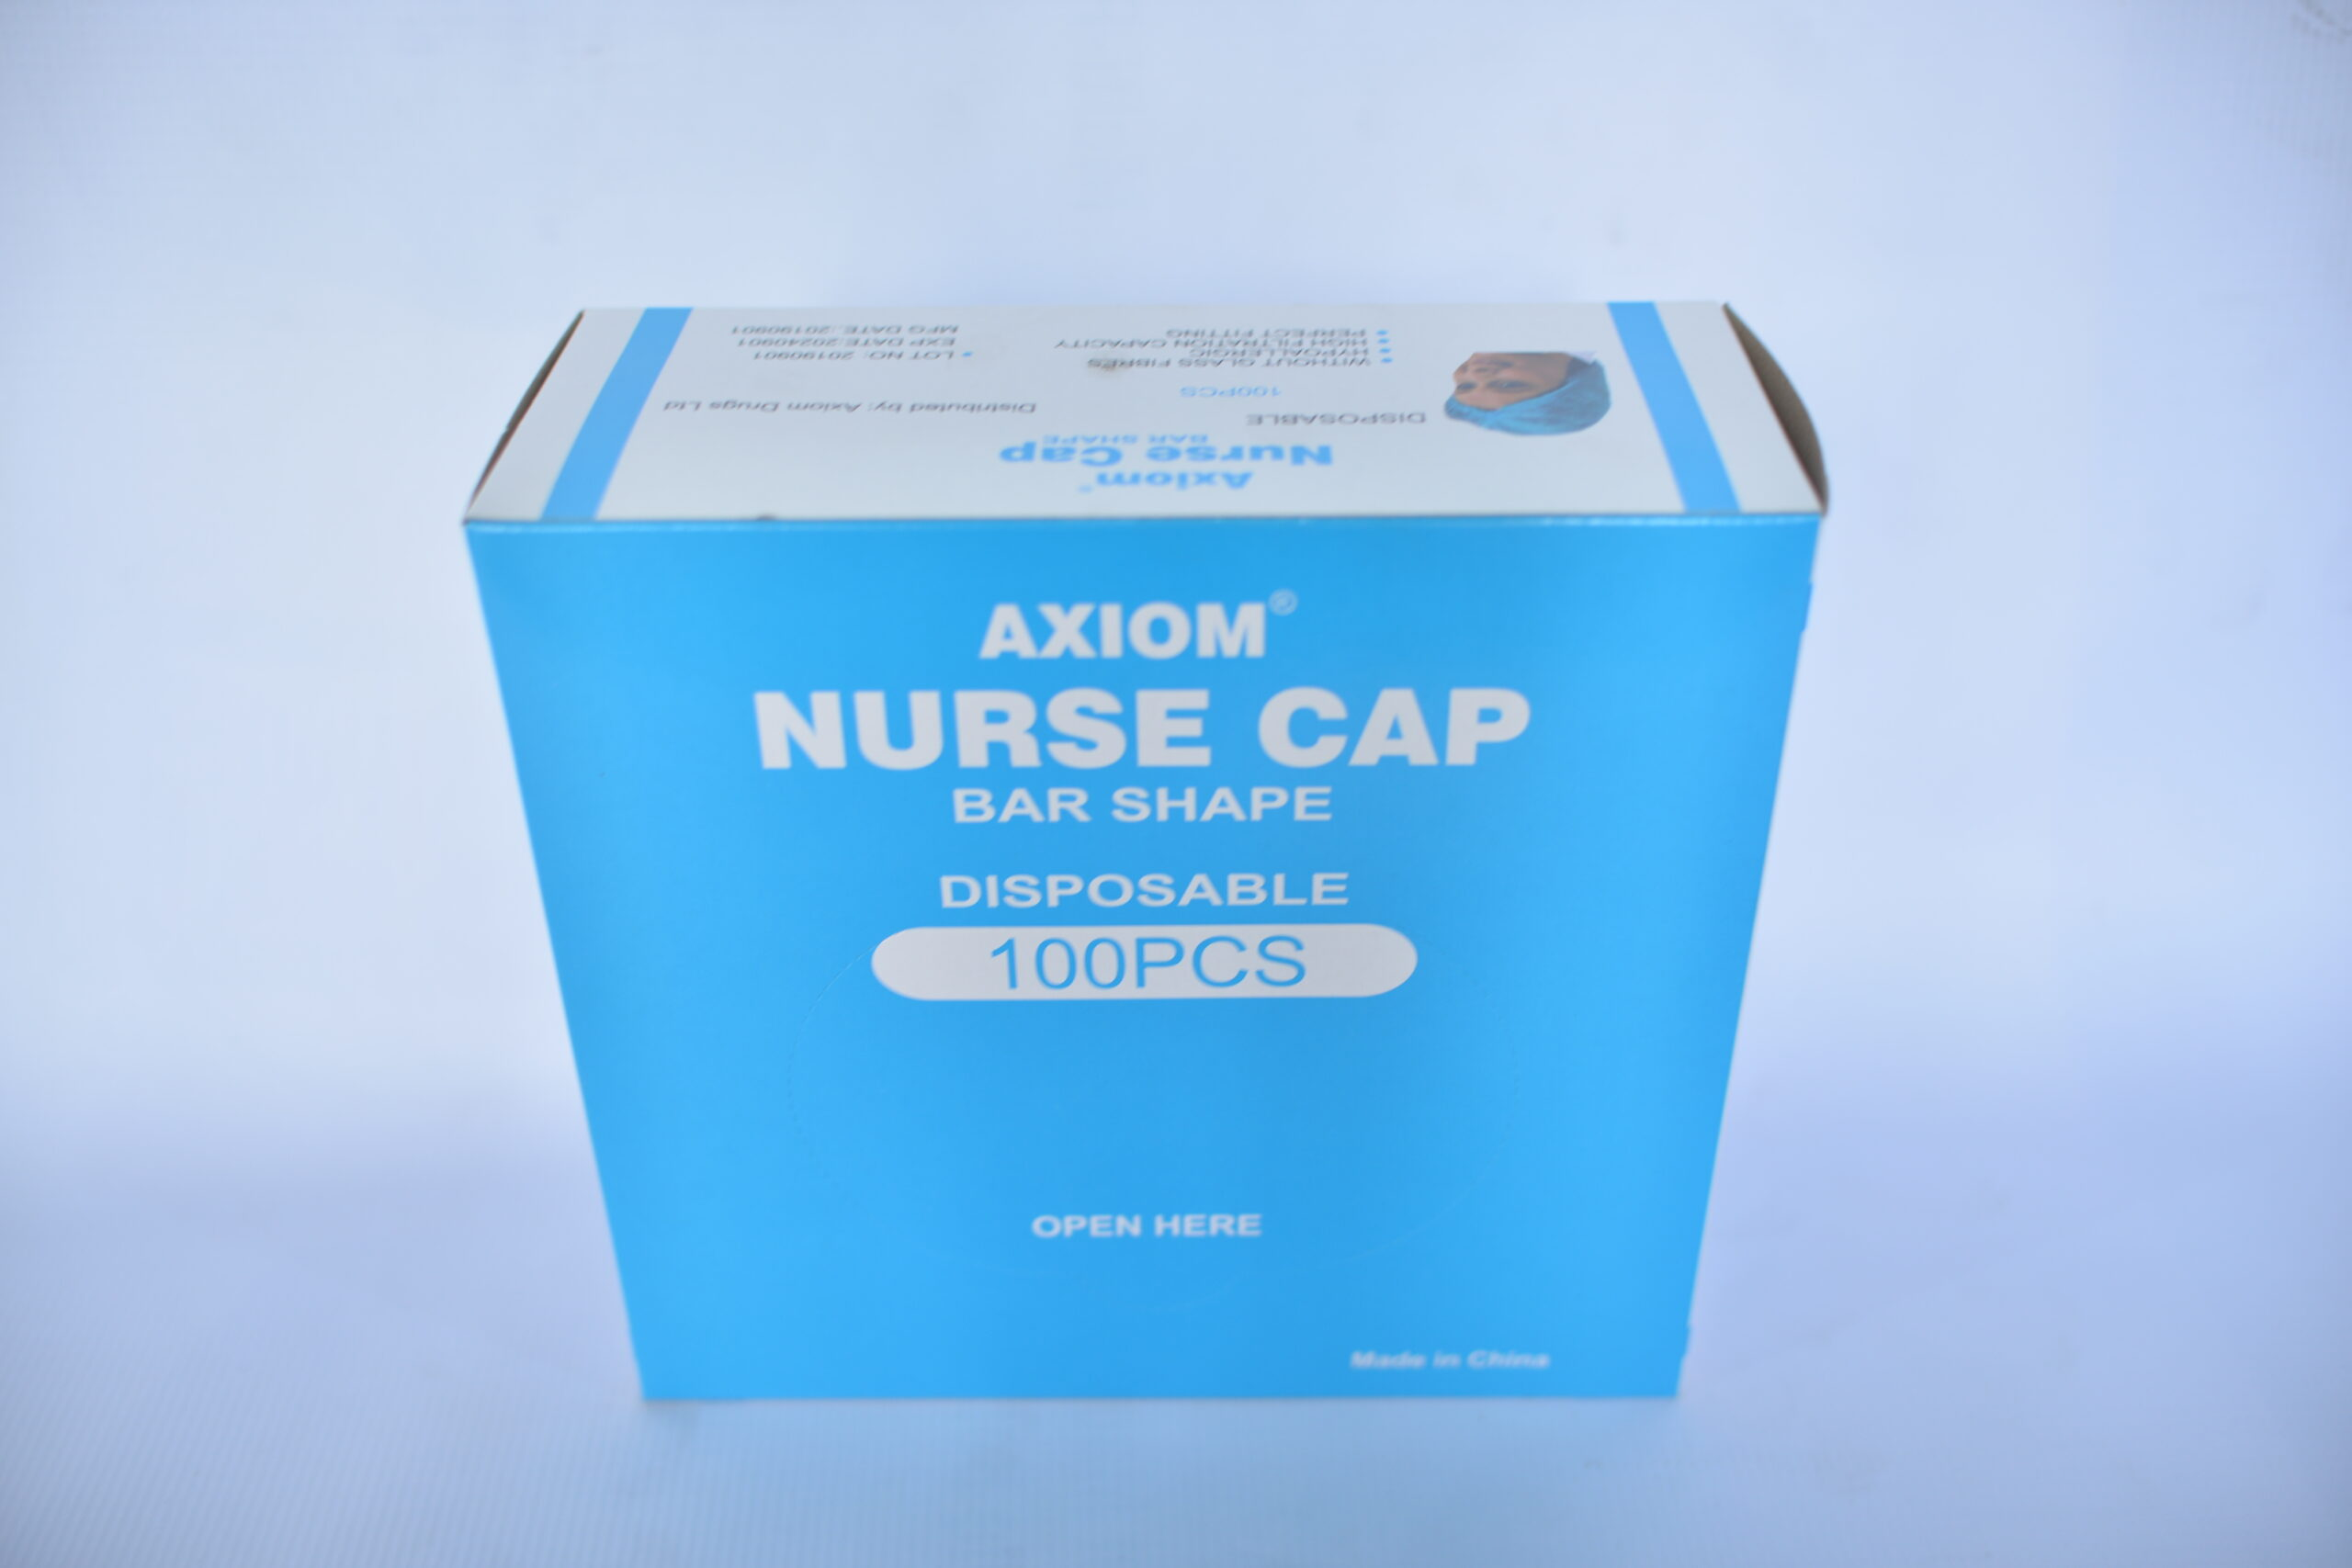 Axiom Nurse Cap